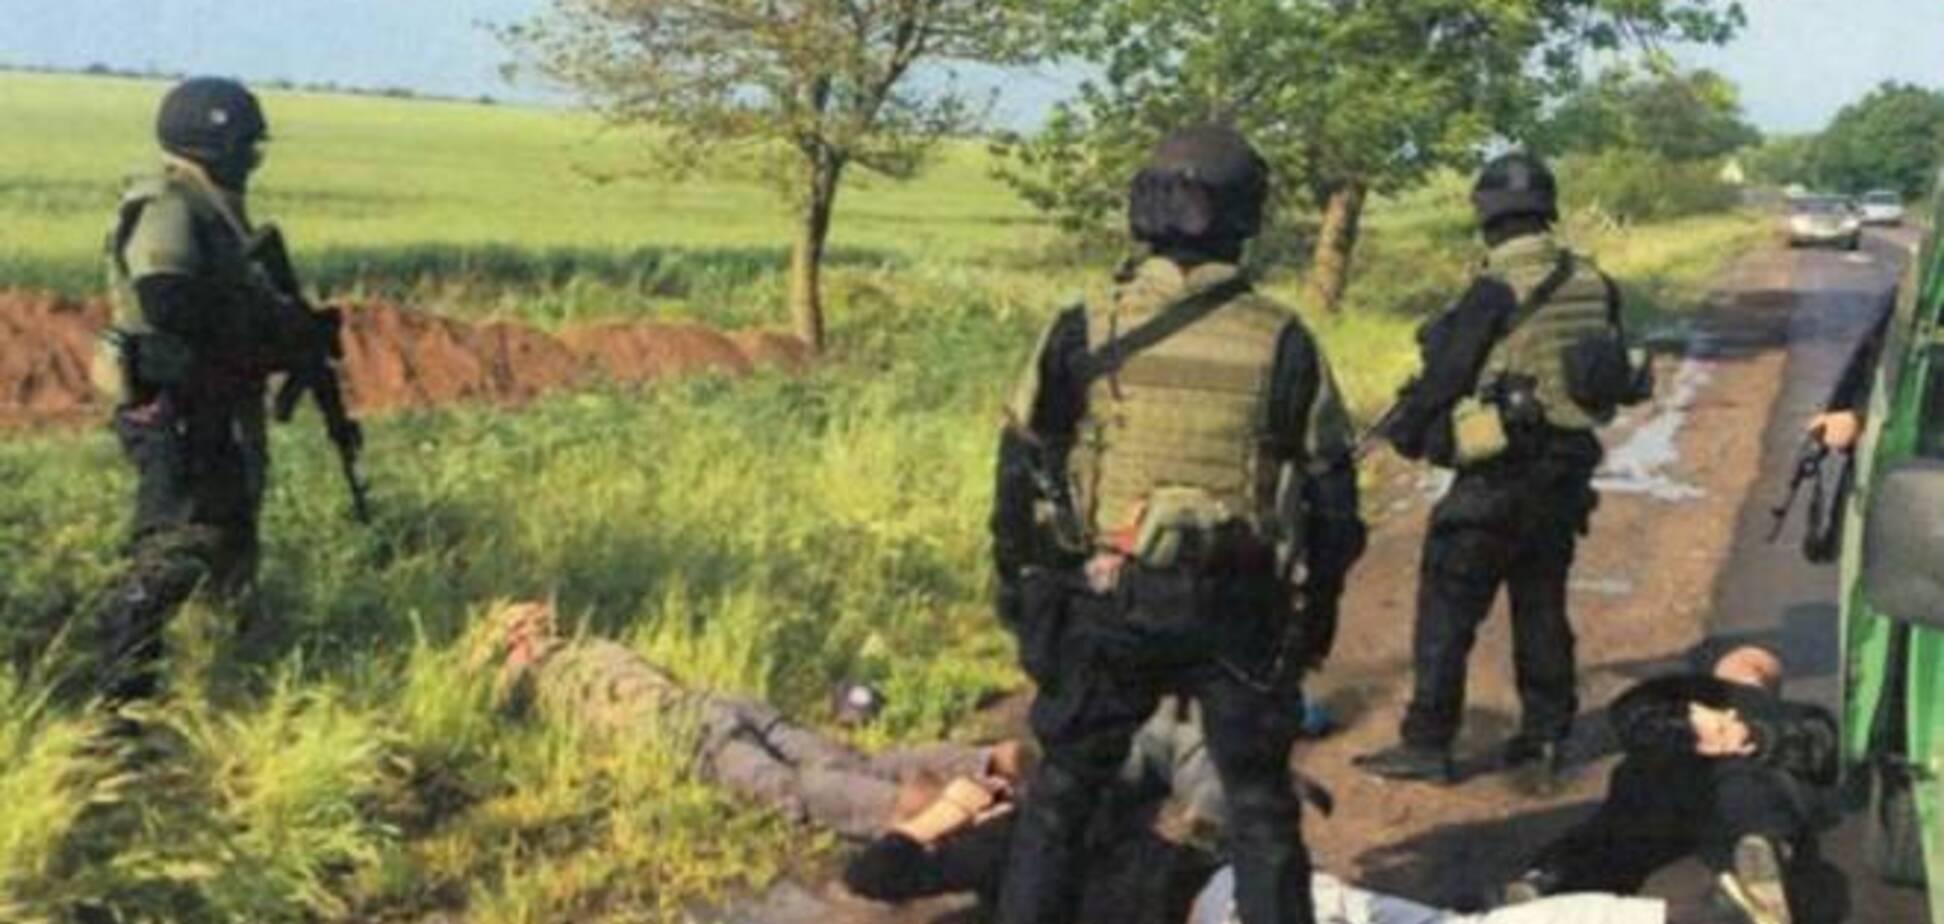 СБУ задержала группу предателей из Одессы, которые ехали к террористам в Славянск